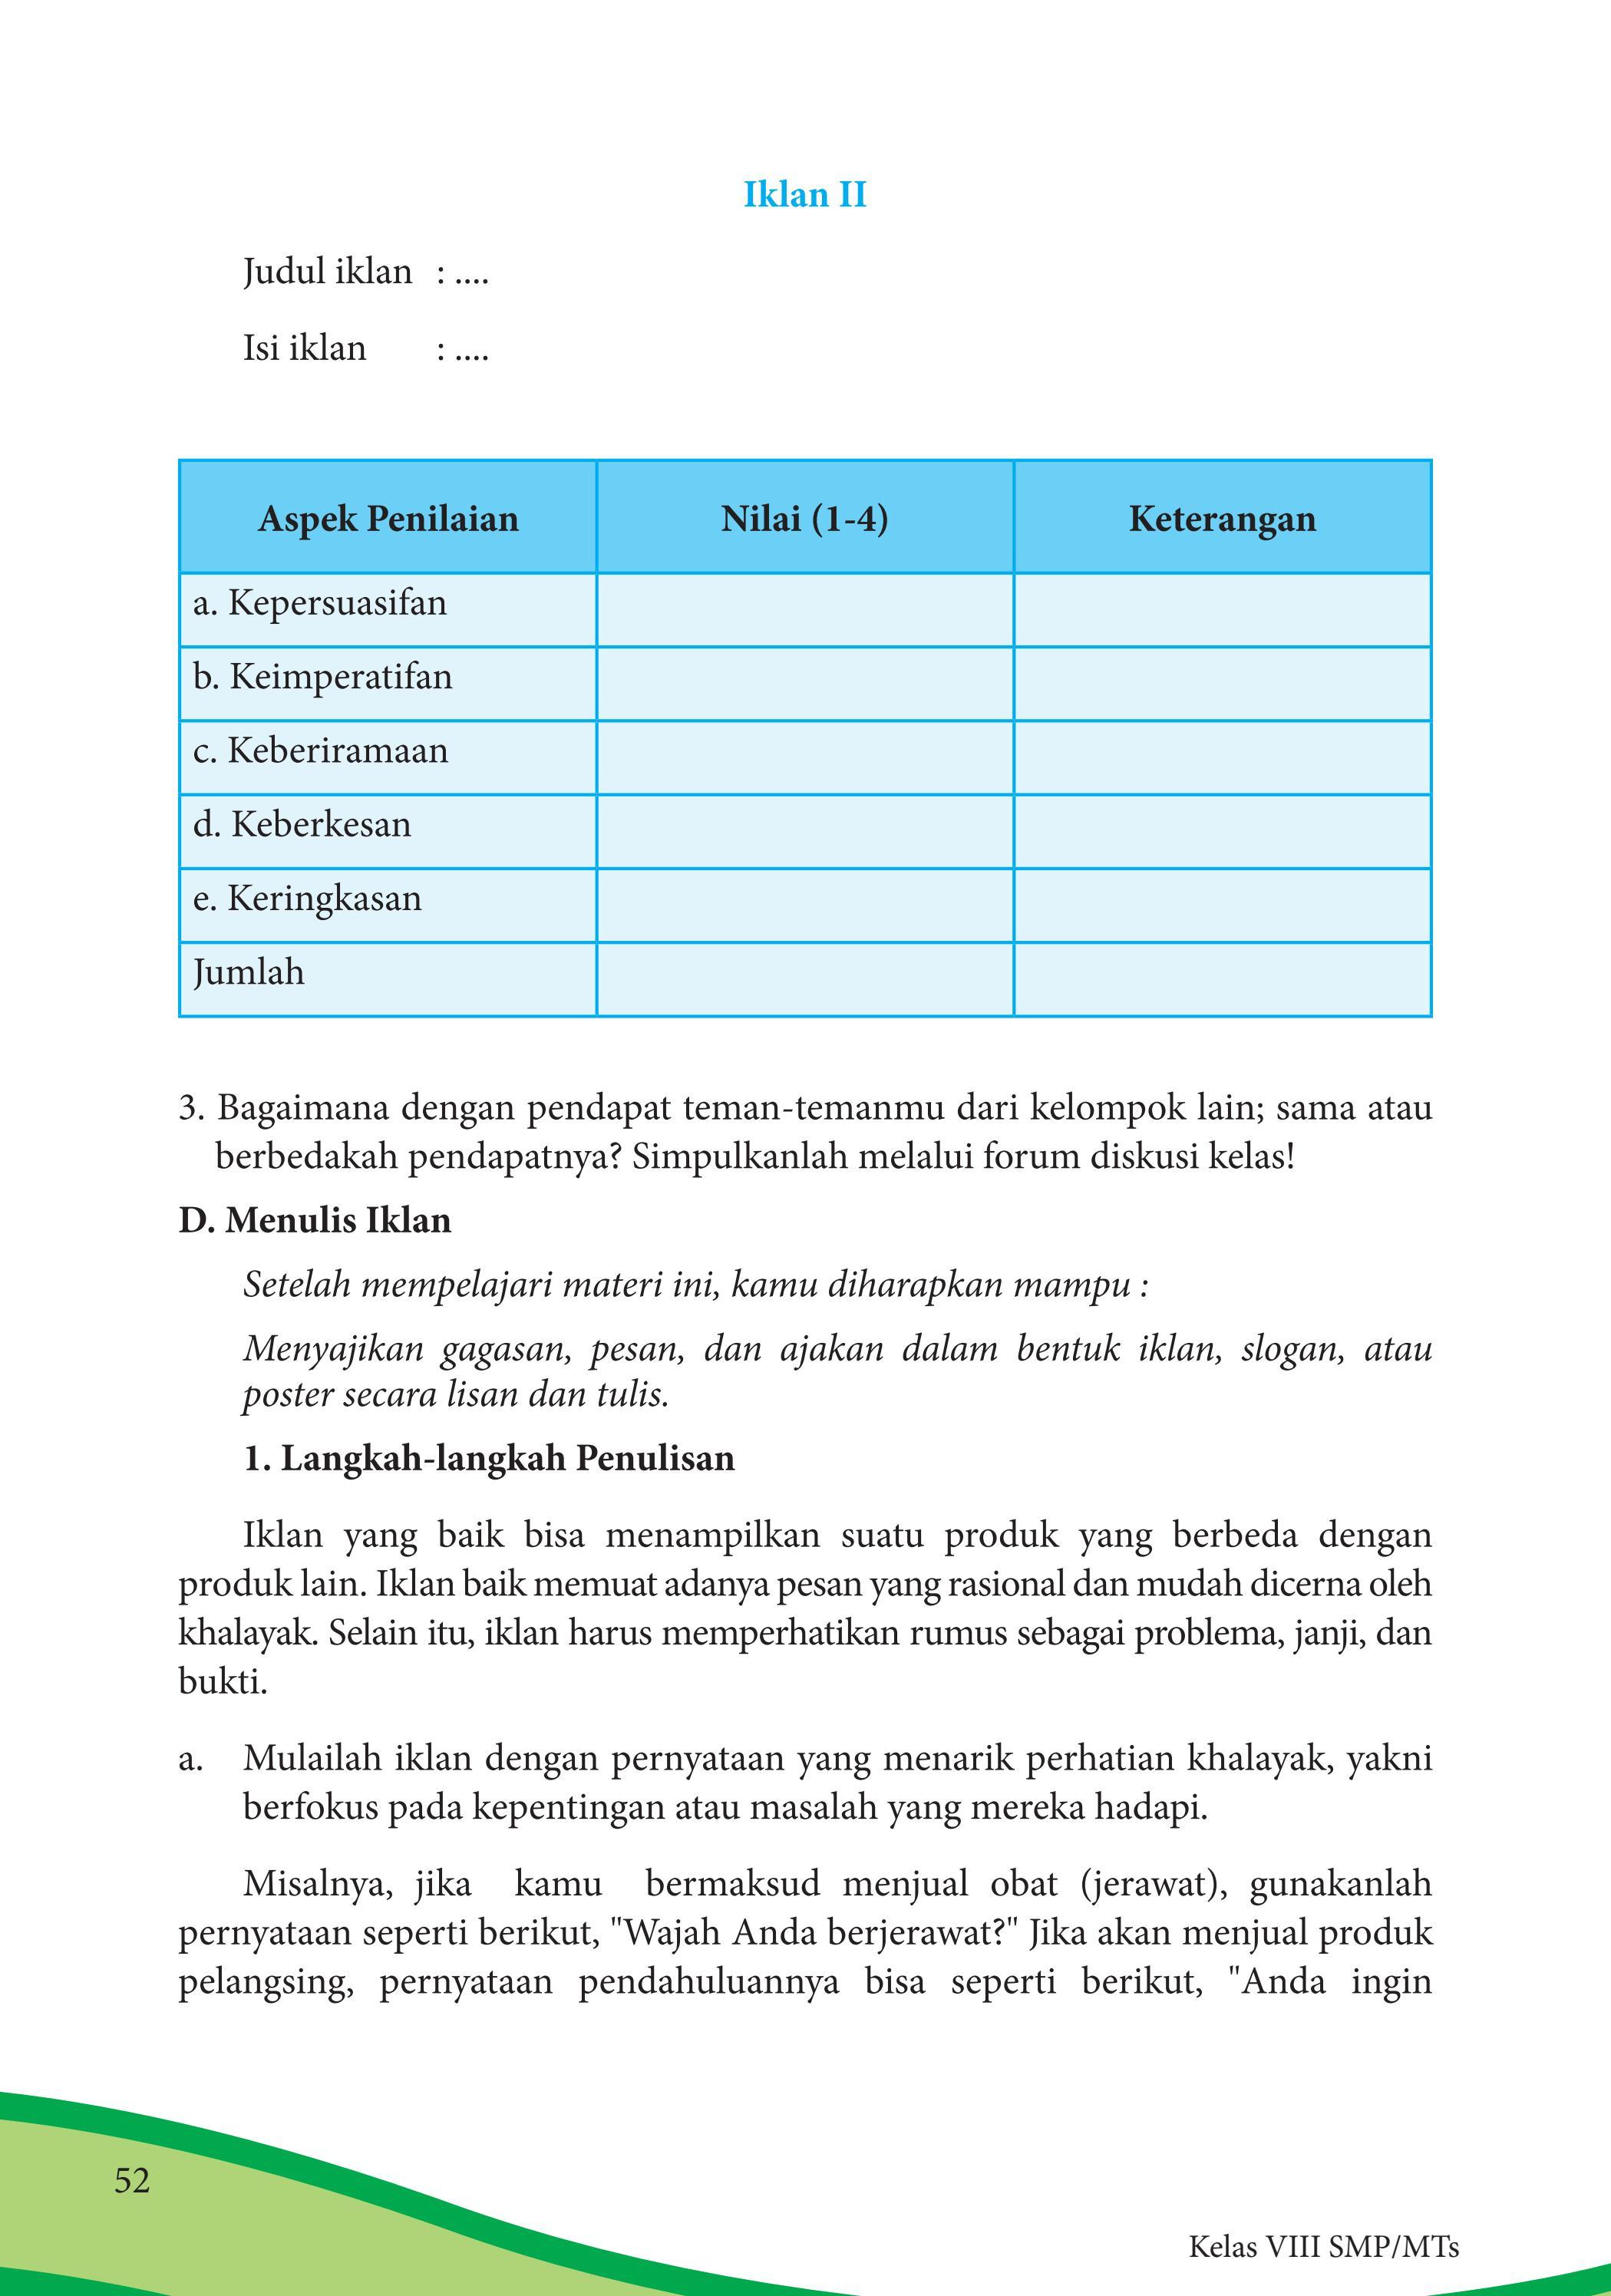 Langkah-langkah Penulisan Iklan : langkah-langkah, penulisan, iklan, Kelas, Bahasa, Indonesia, Siswa, Issuu